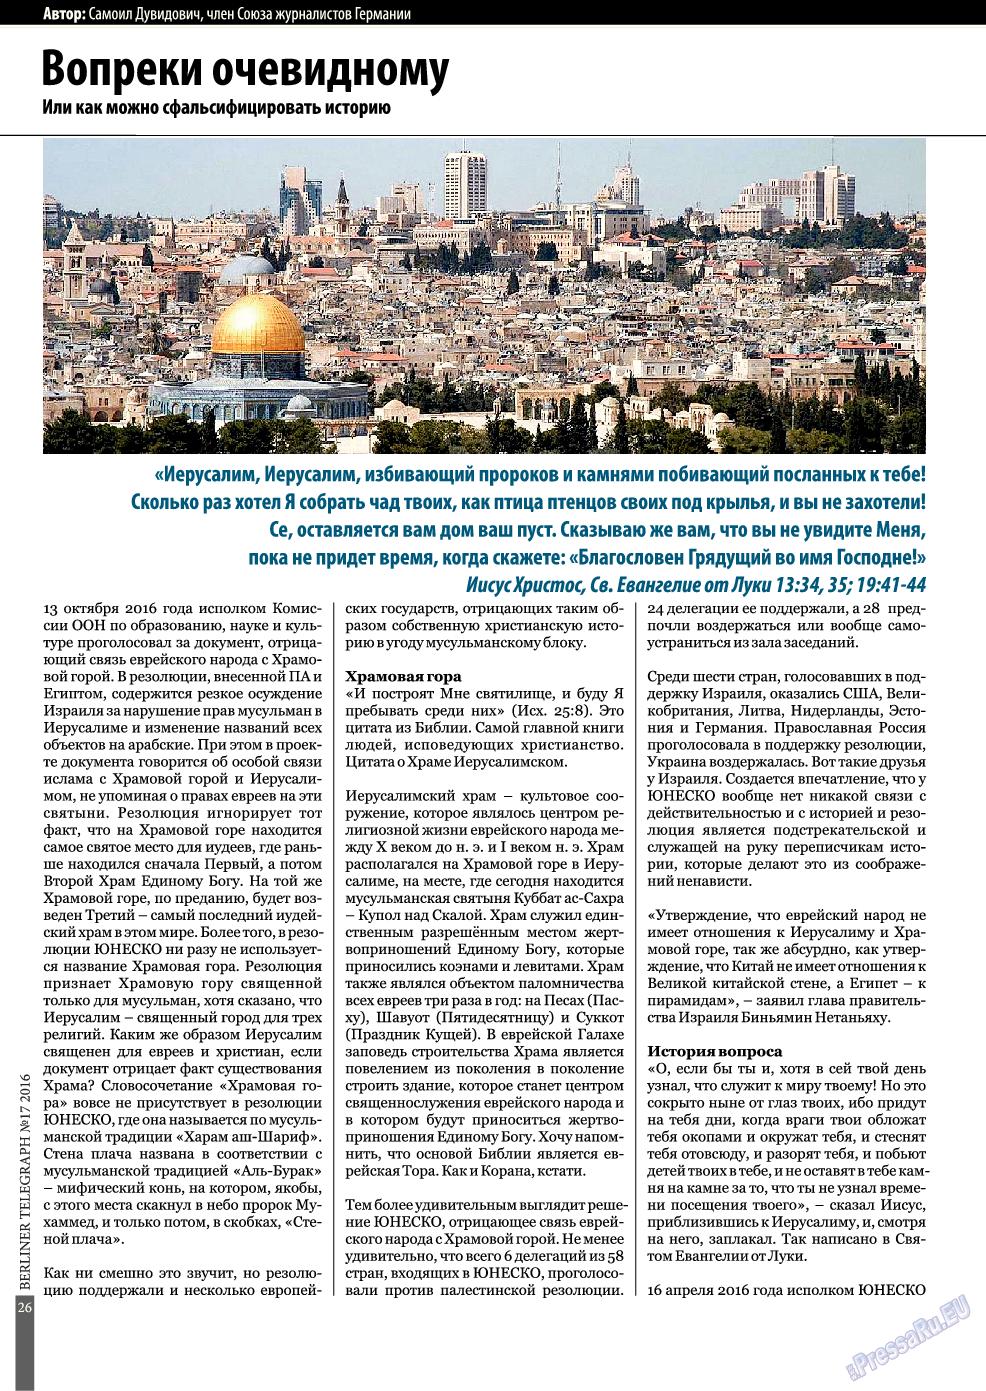 Берлинский телеграф (журнал). 2016 год, номер 17, стр. 26